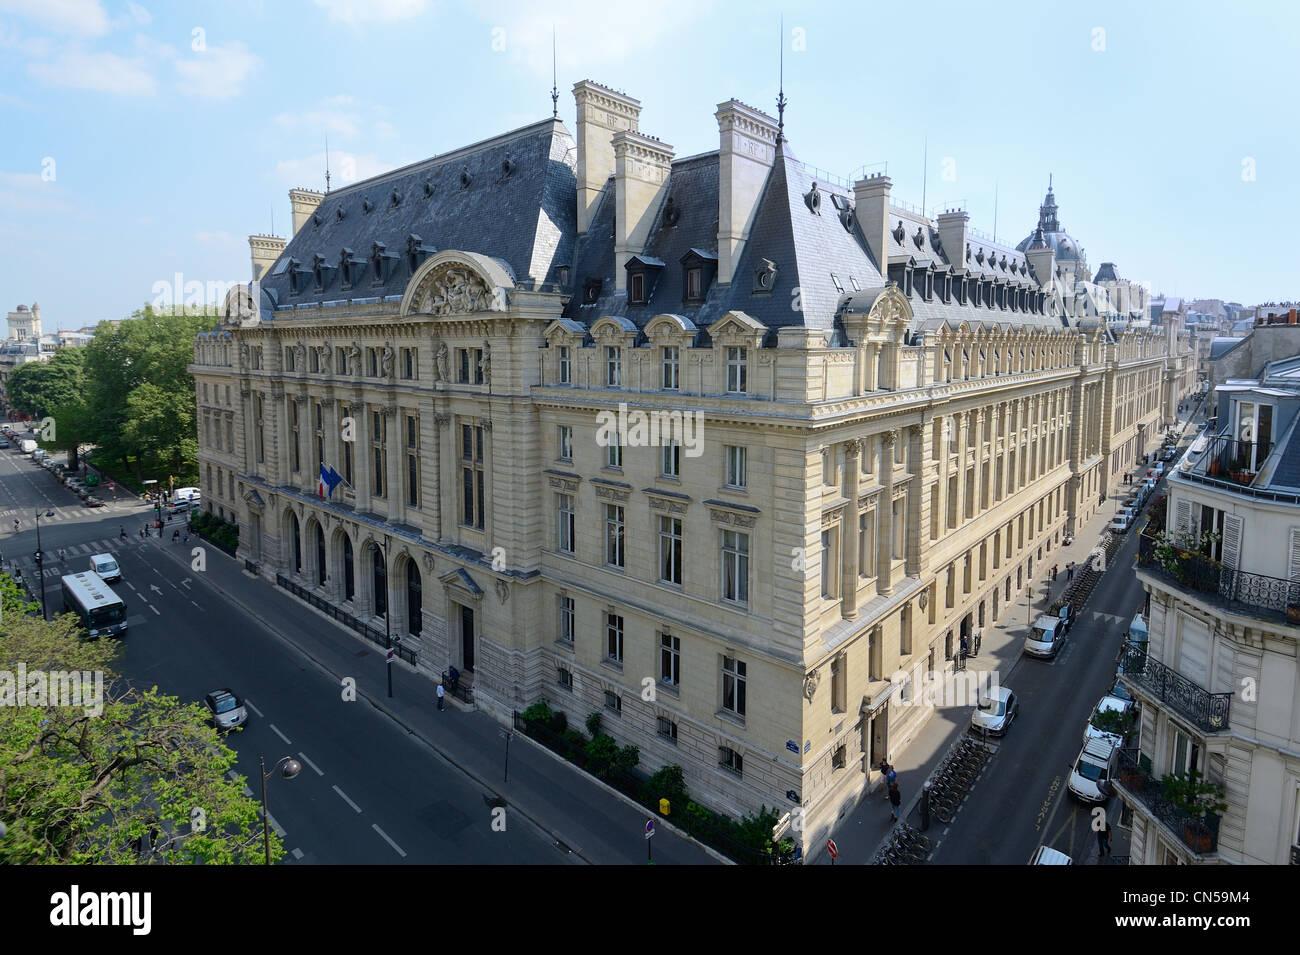 Frankreich, Paris, die Universität Sorbonne im Quartier Latin Stockbild